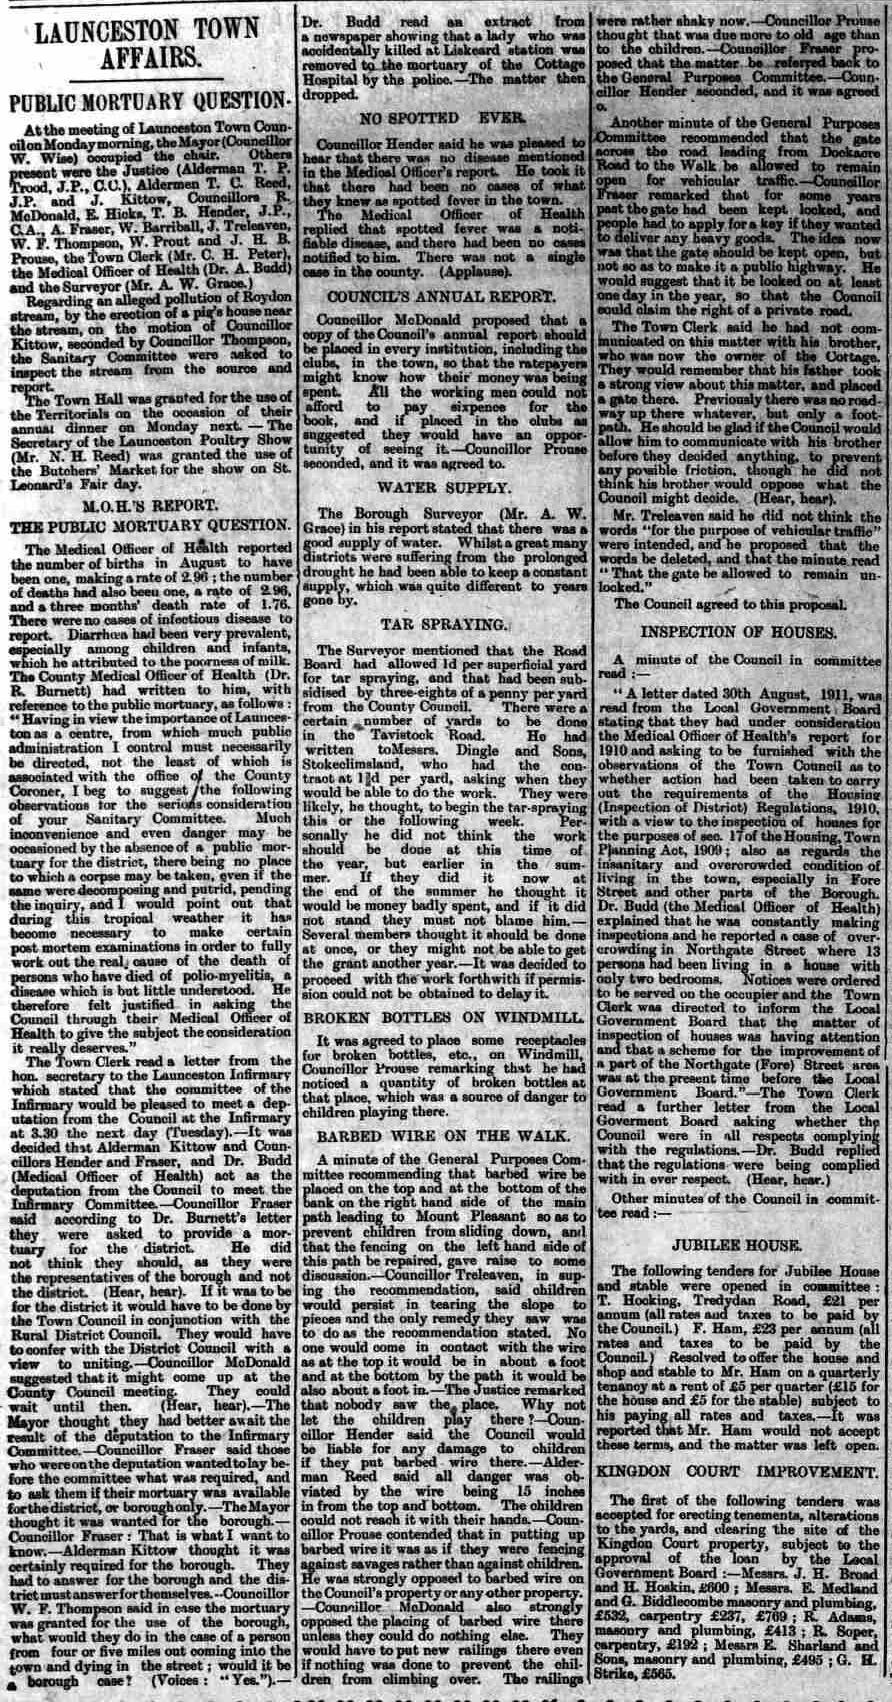 23 September 1911